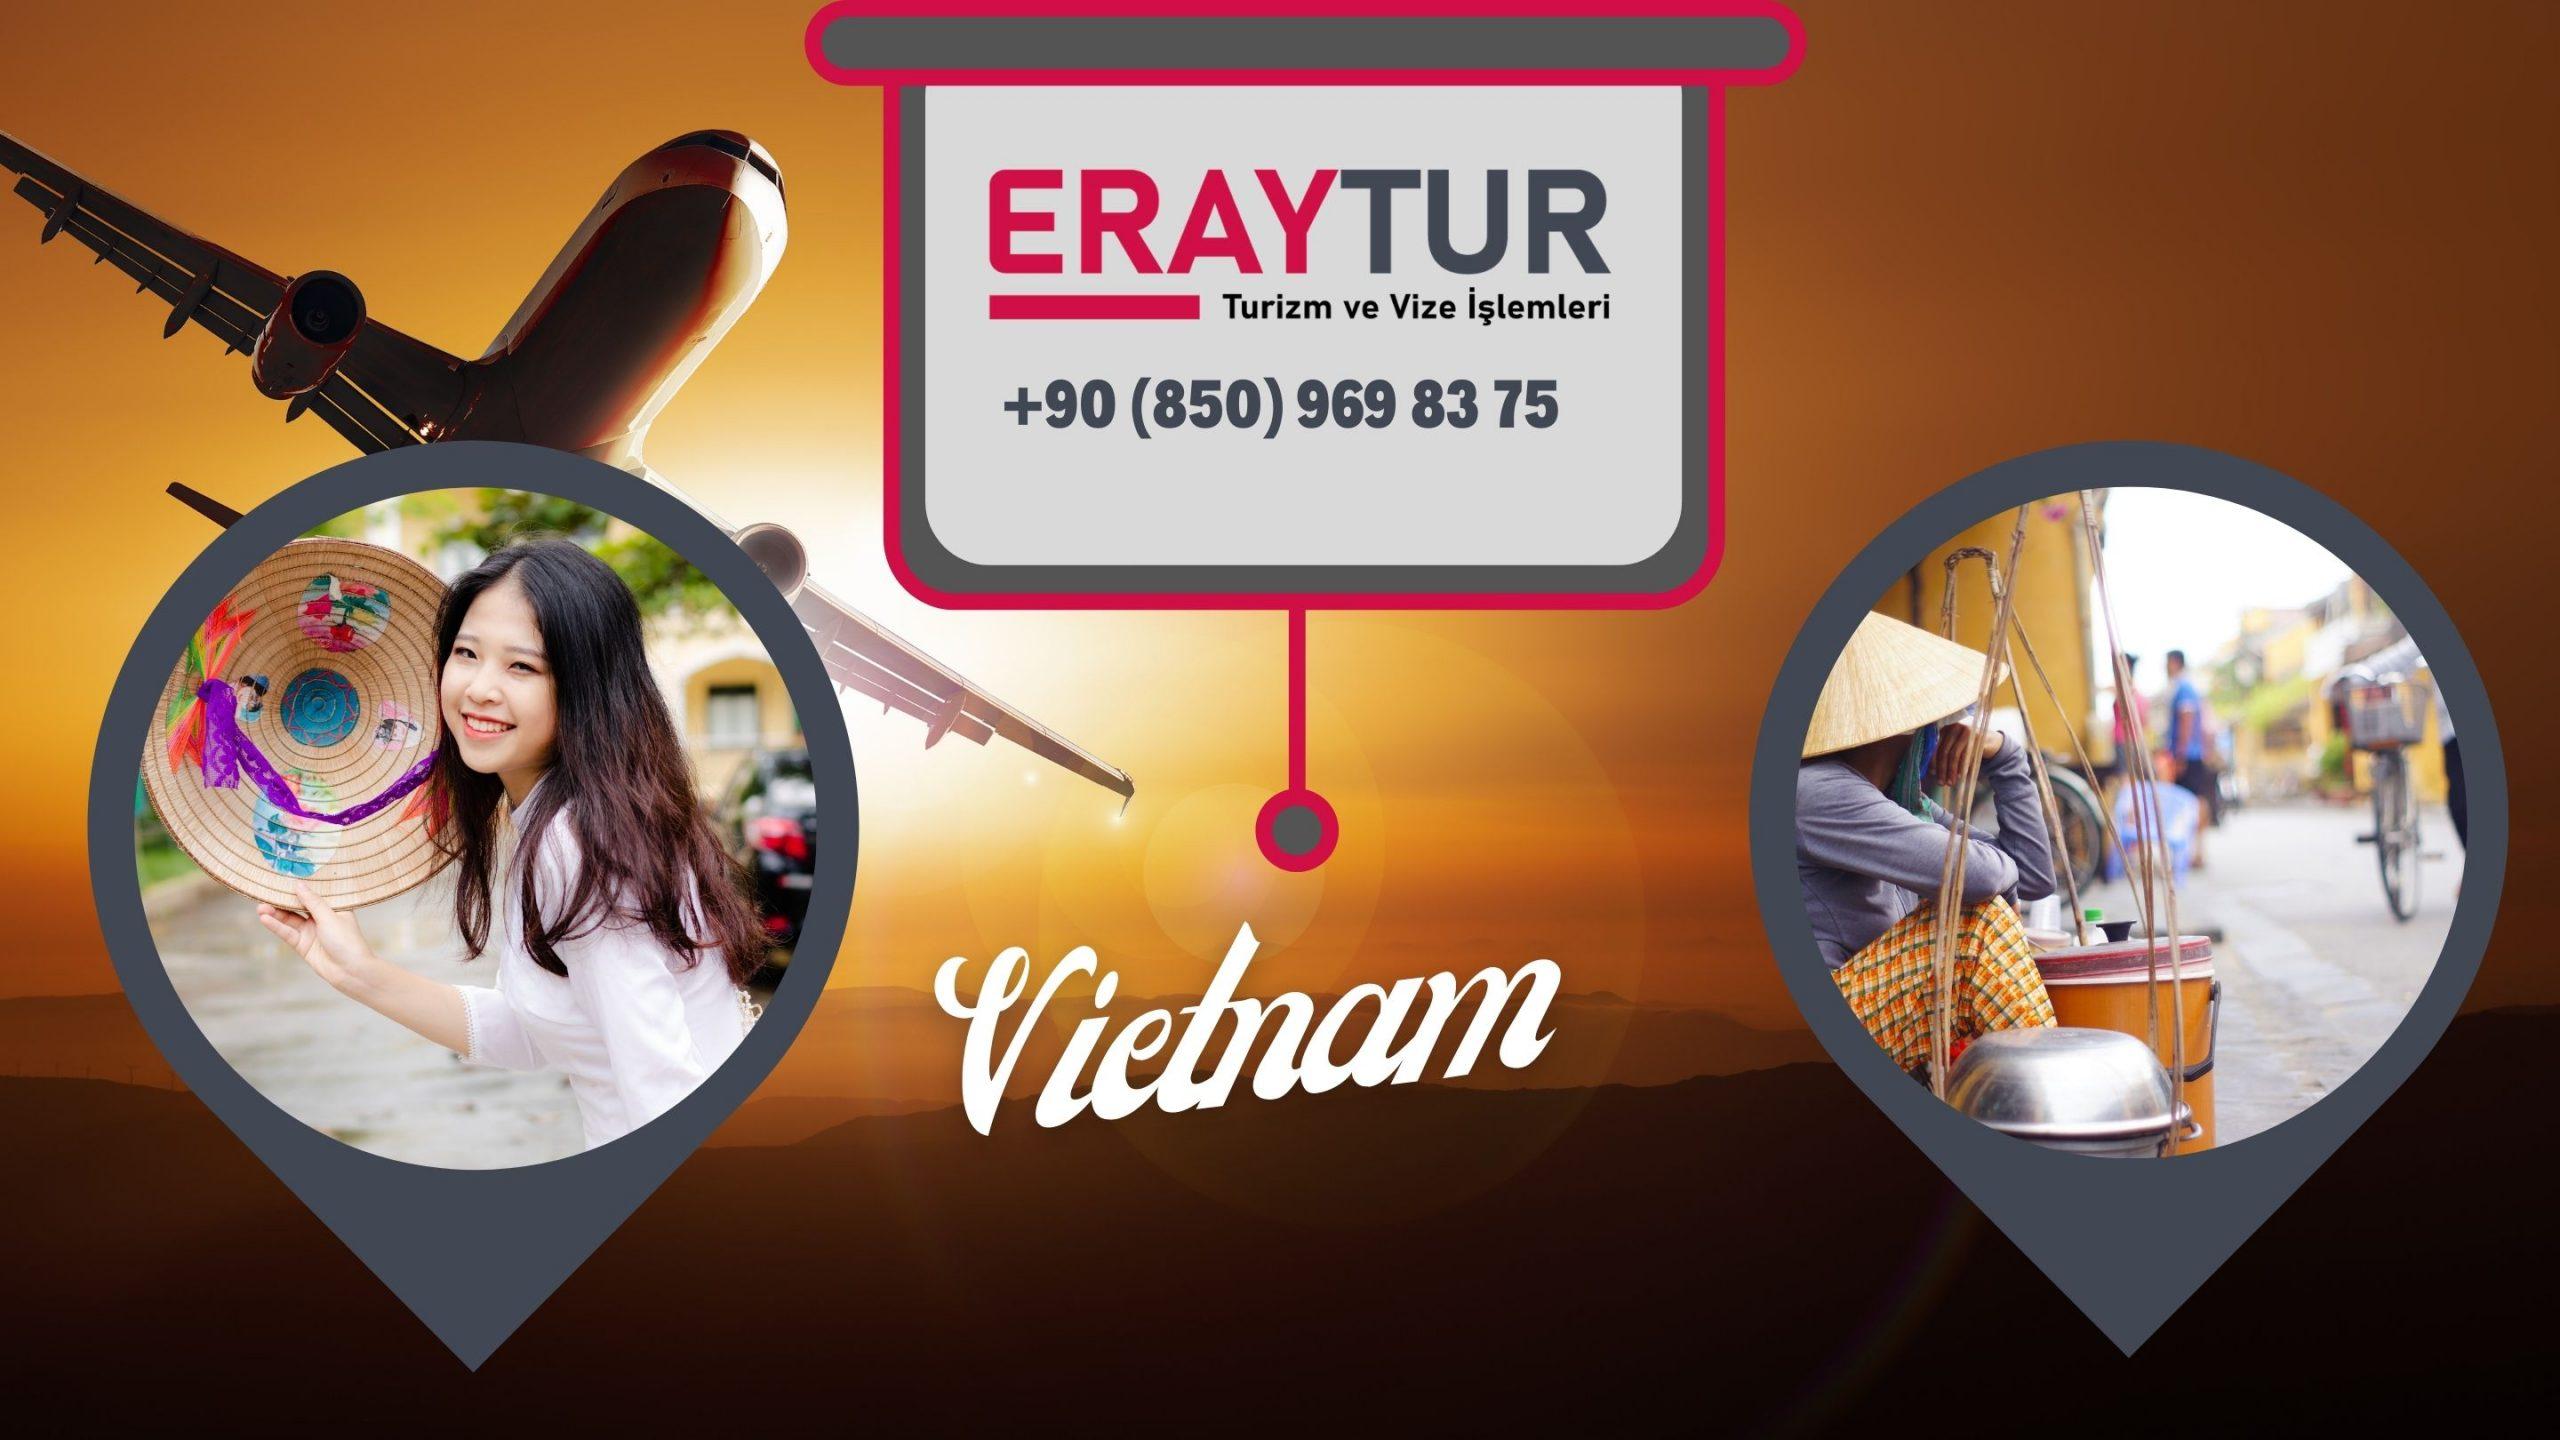 Vietnam Vize Başvuru Merkezleri